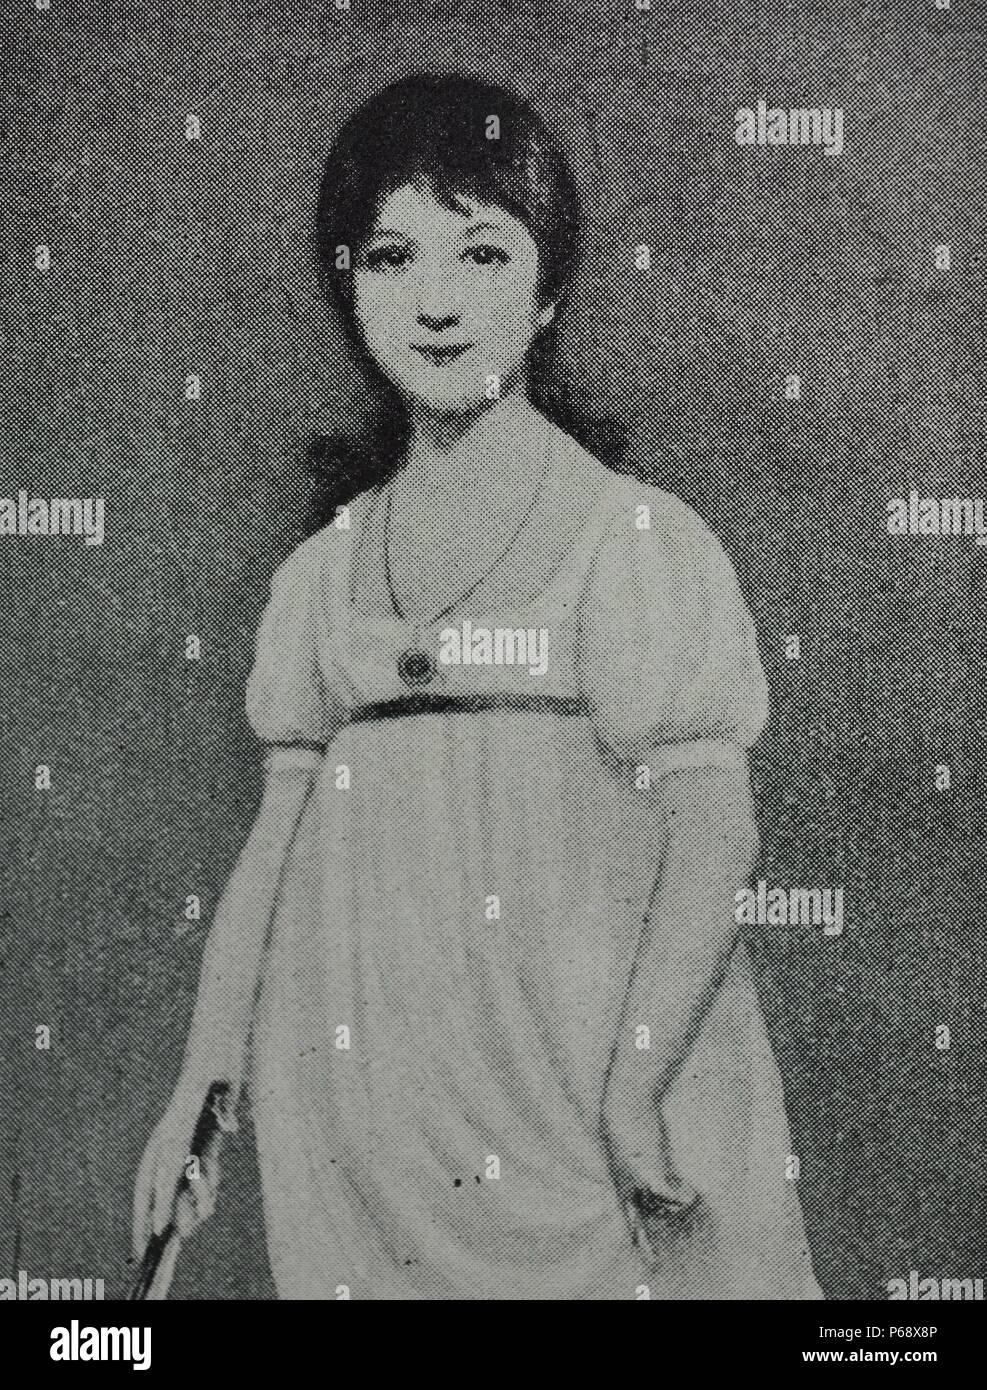 Littérature Romantique Anglaise portrait d'une jeune jane austen (1775-1817), un romancier anglais